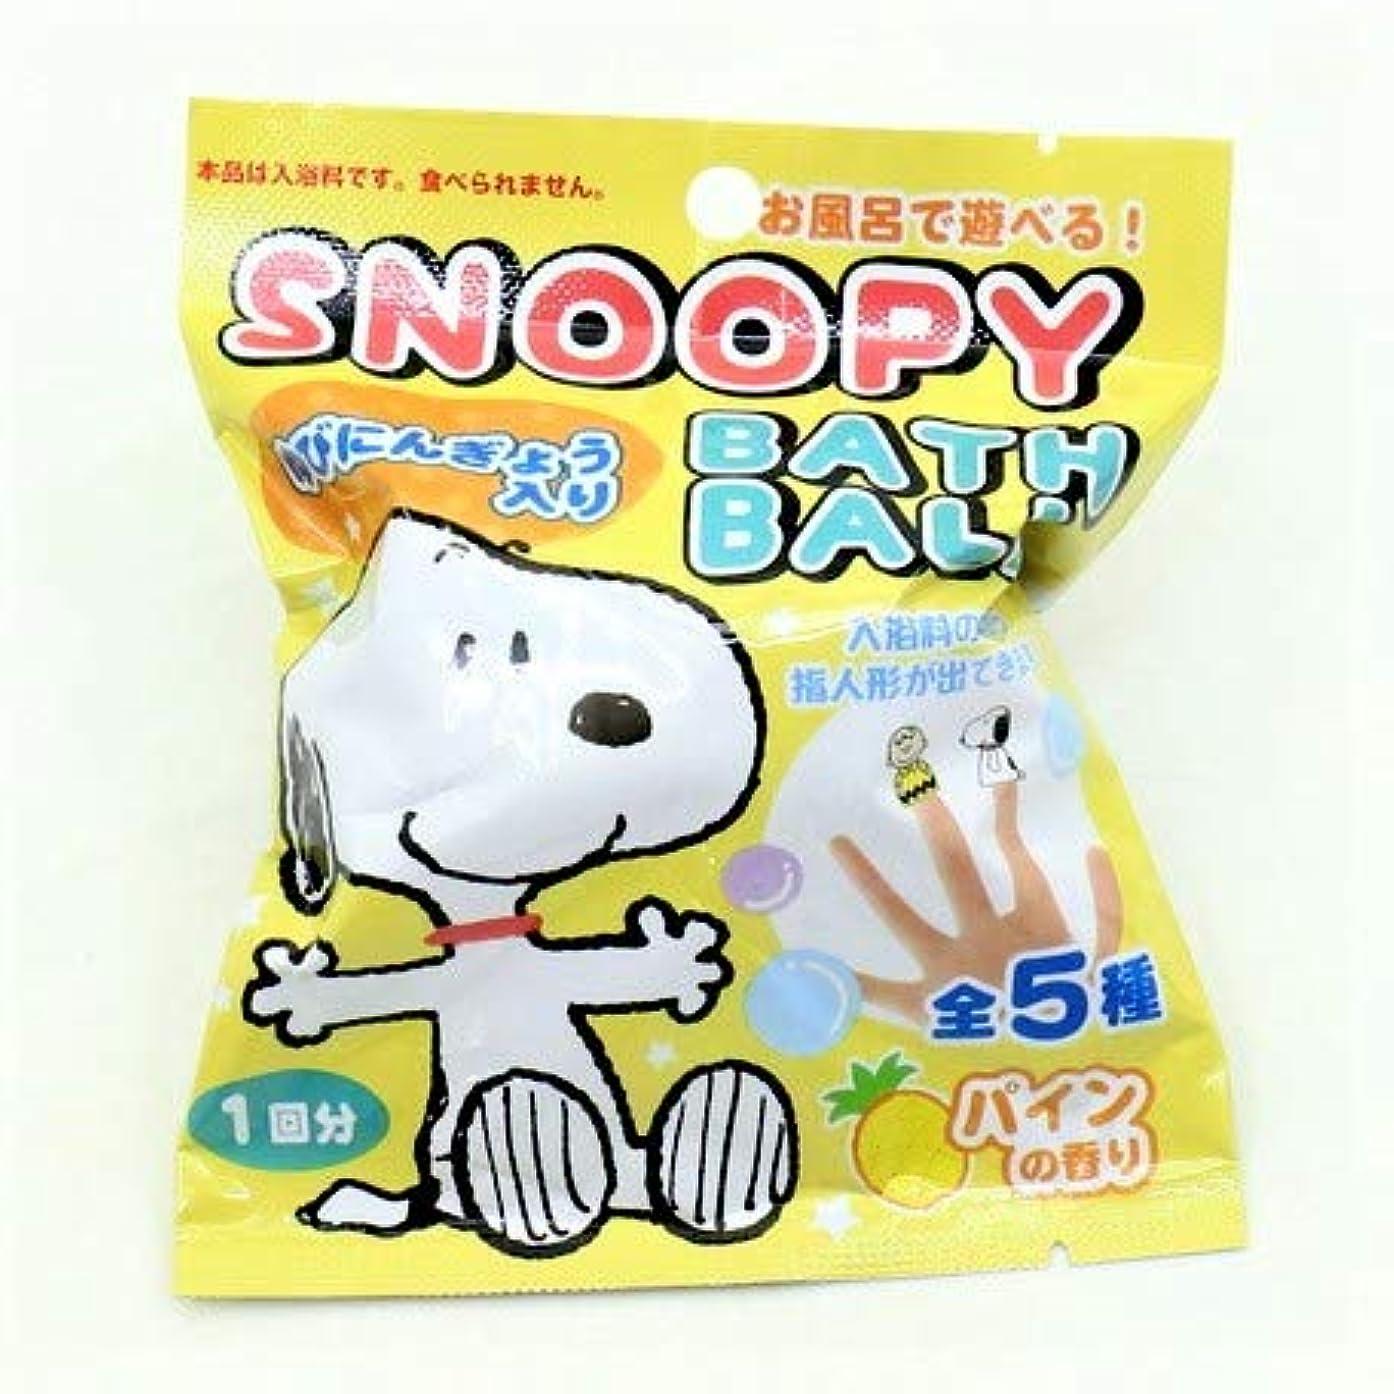 ロデオ乳剤終わりスヌーピー バスボール 入浴剤 パインの香り 6個1セット 指人形 Snoopy